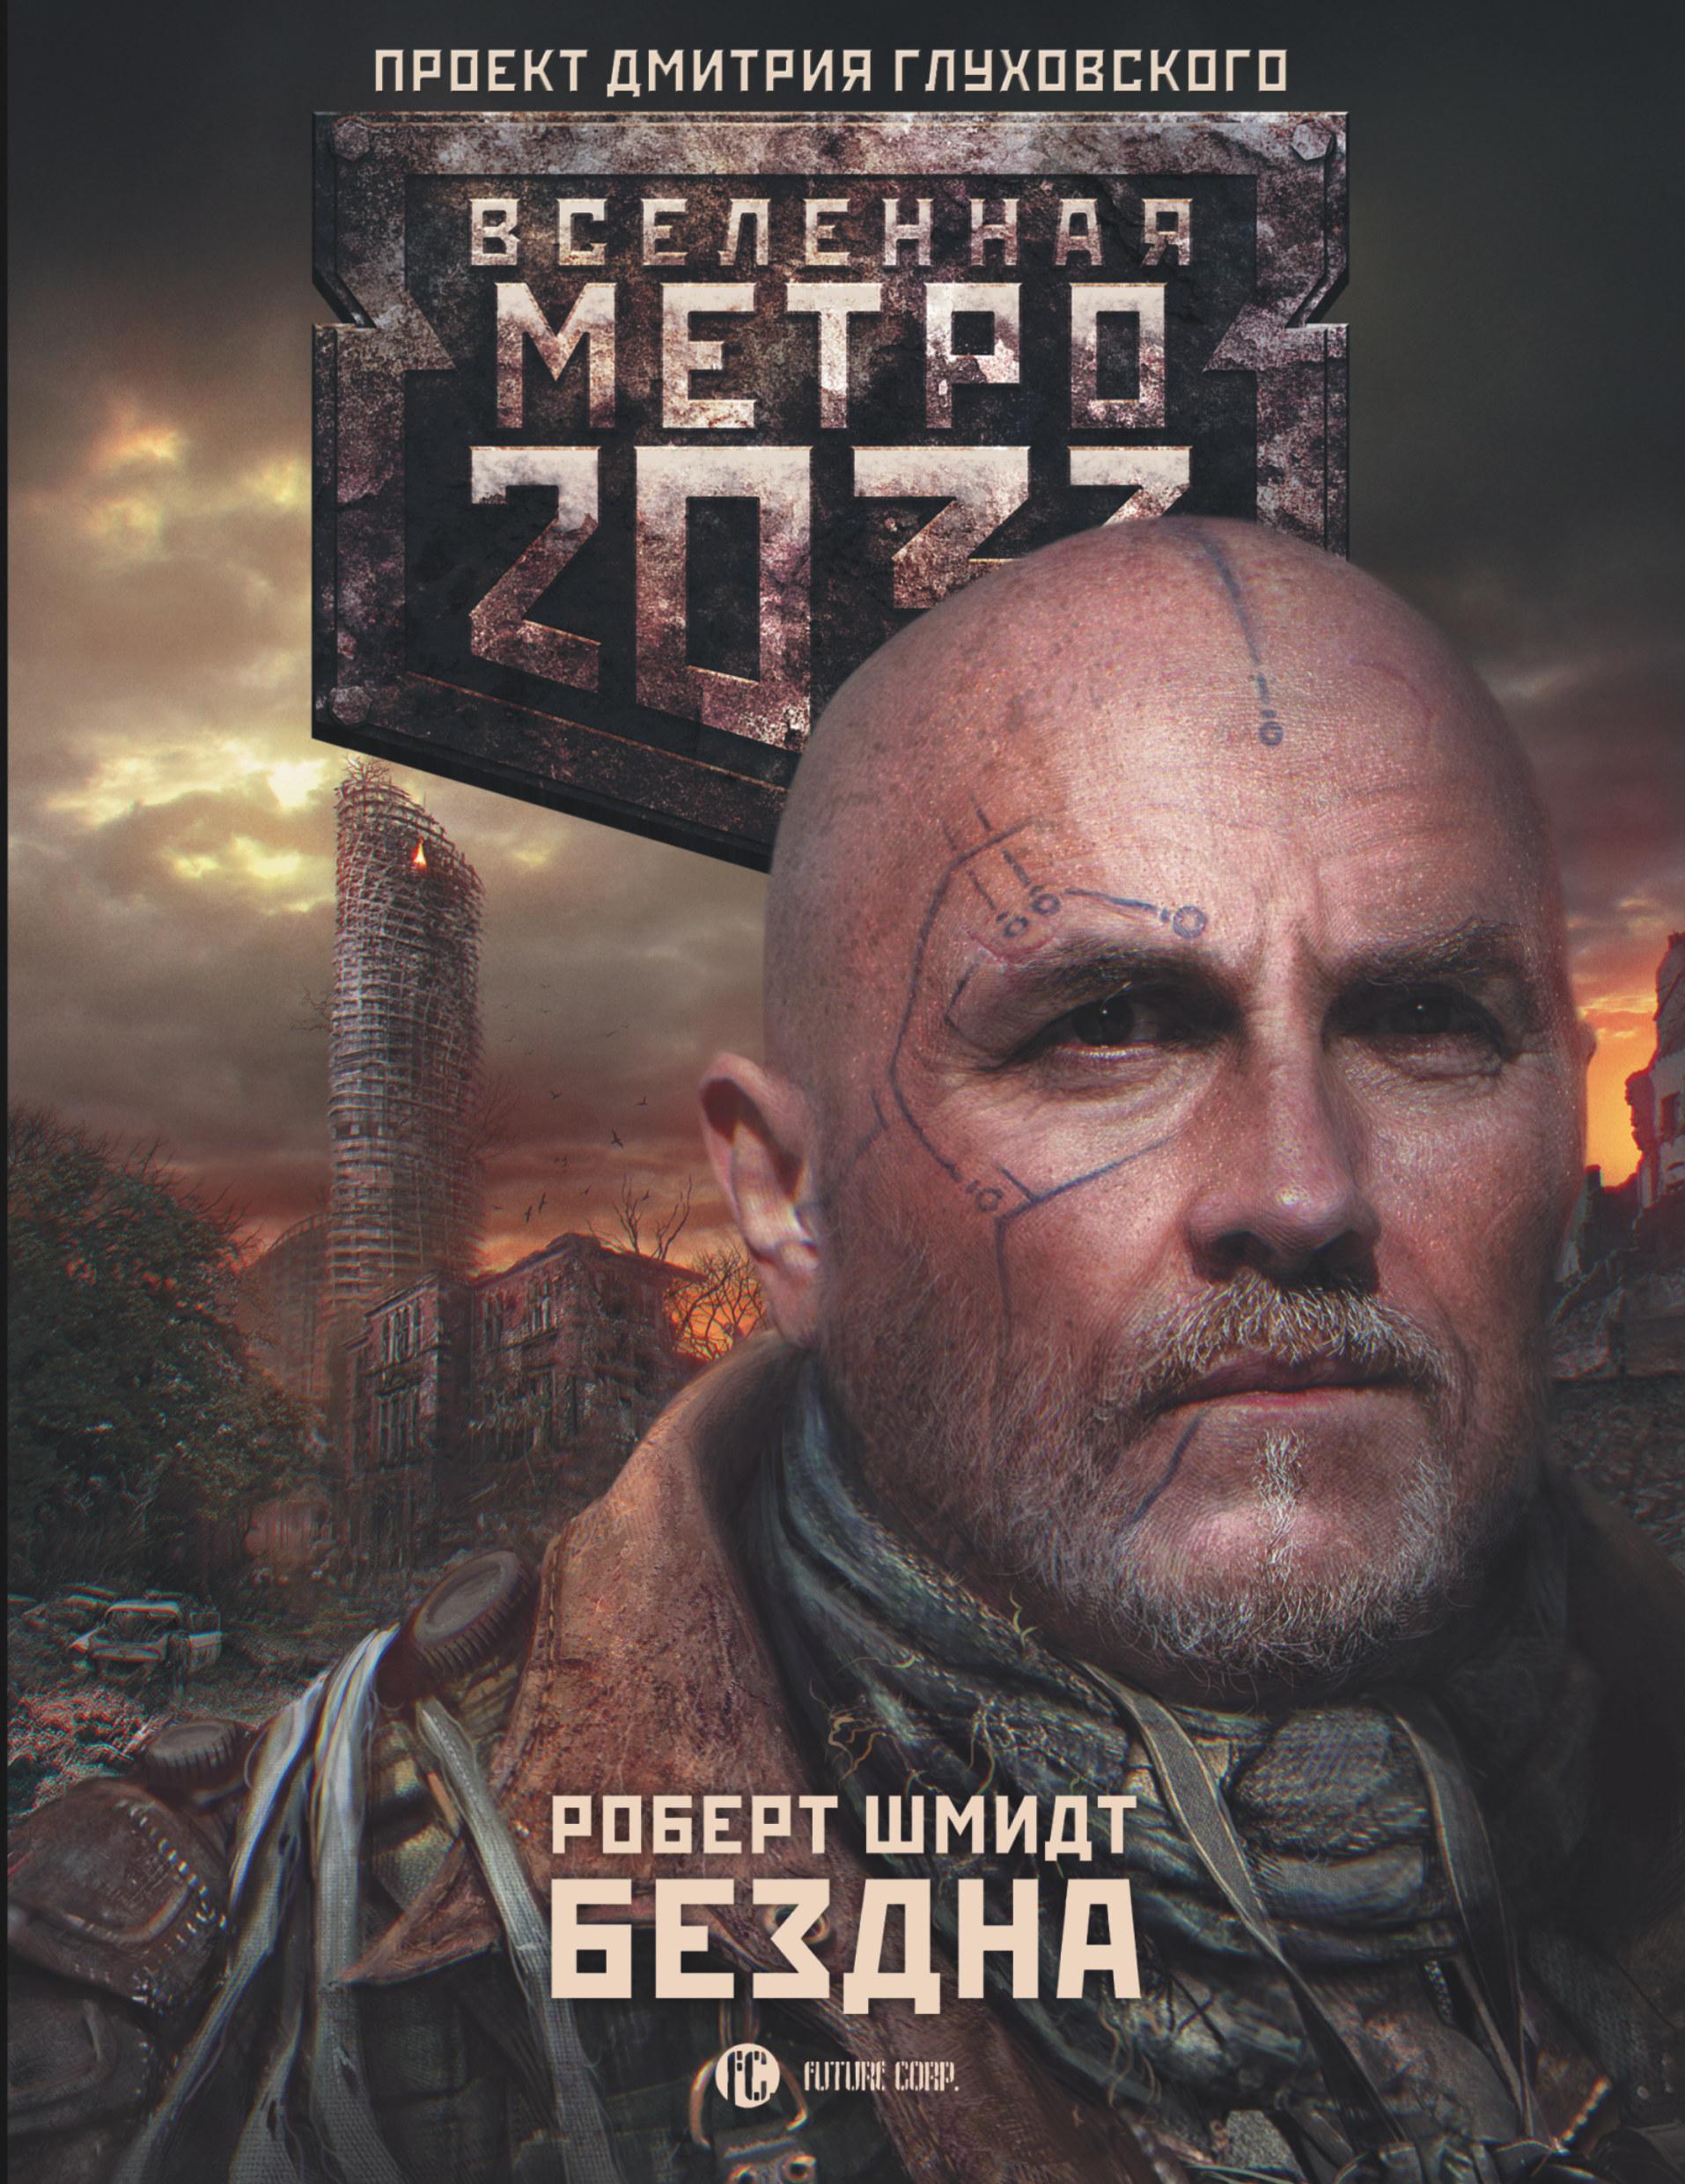 Роберт Шмидт Метро 2033: Бездна